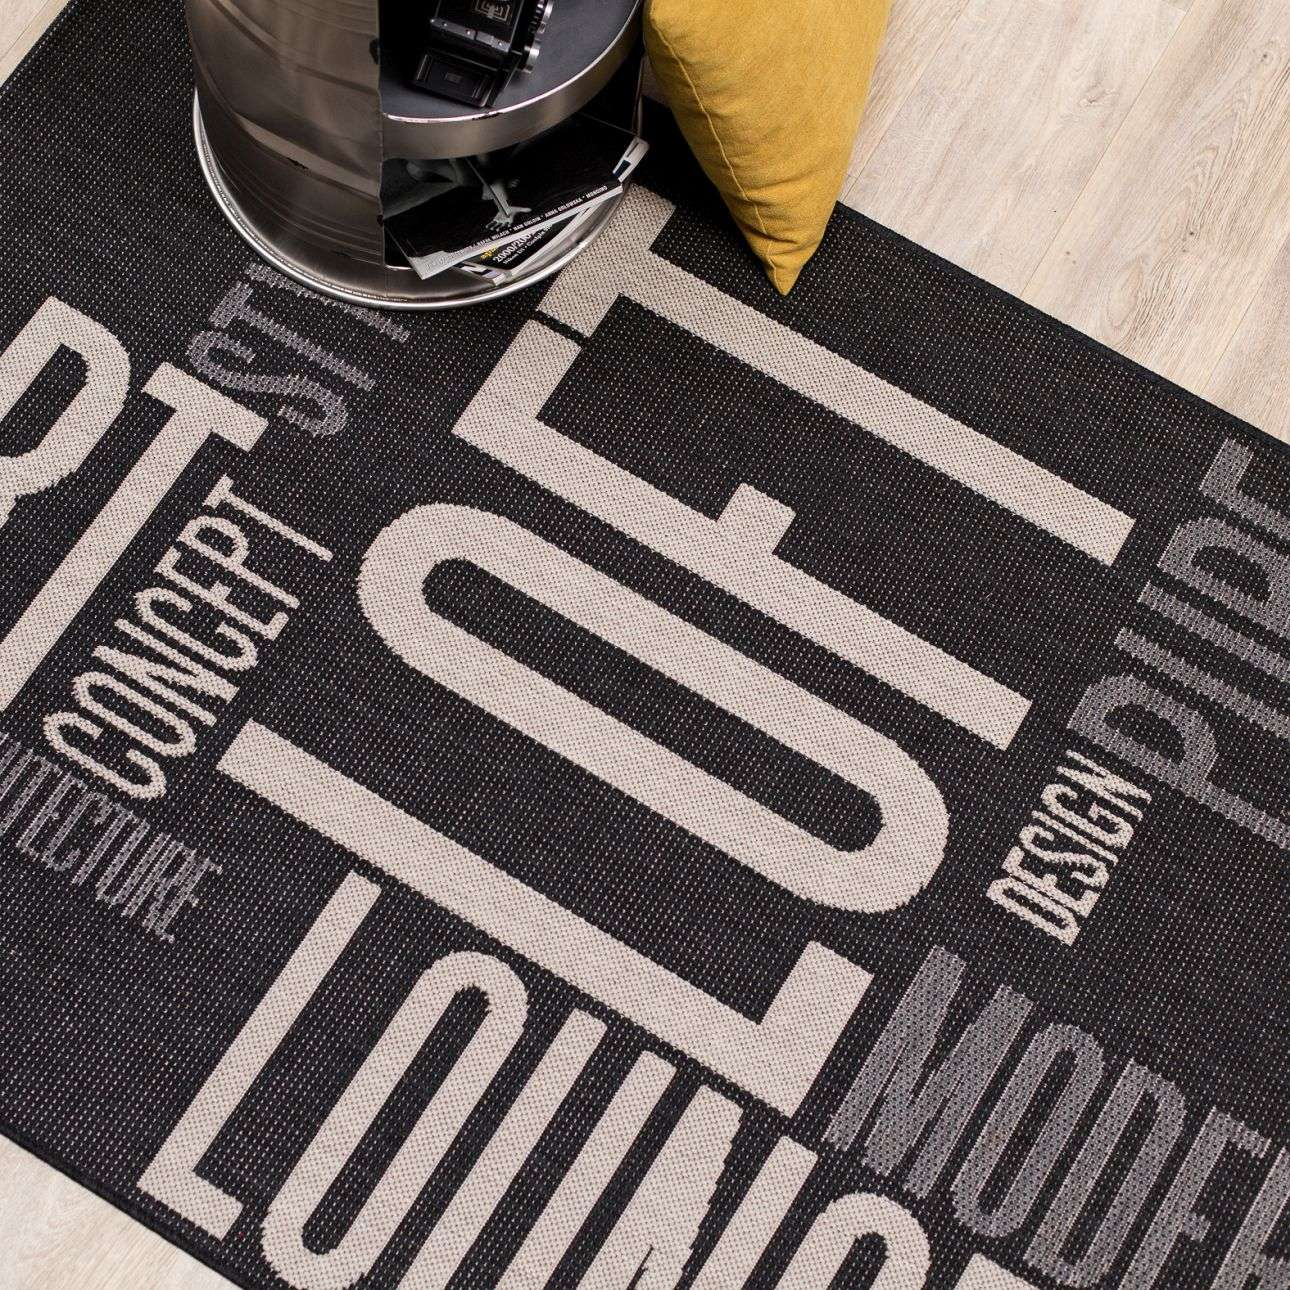 Teppich Modern Loft black/ grey 120x170cm